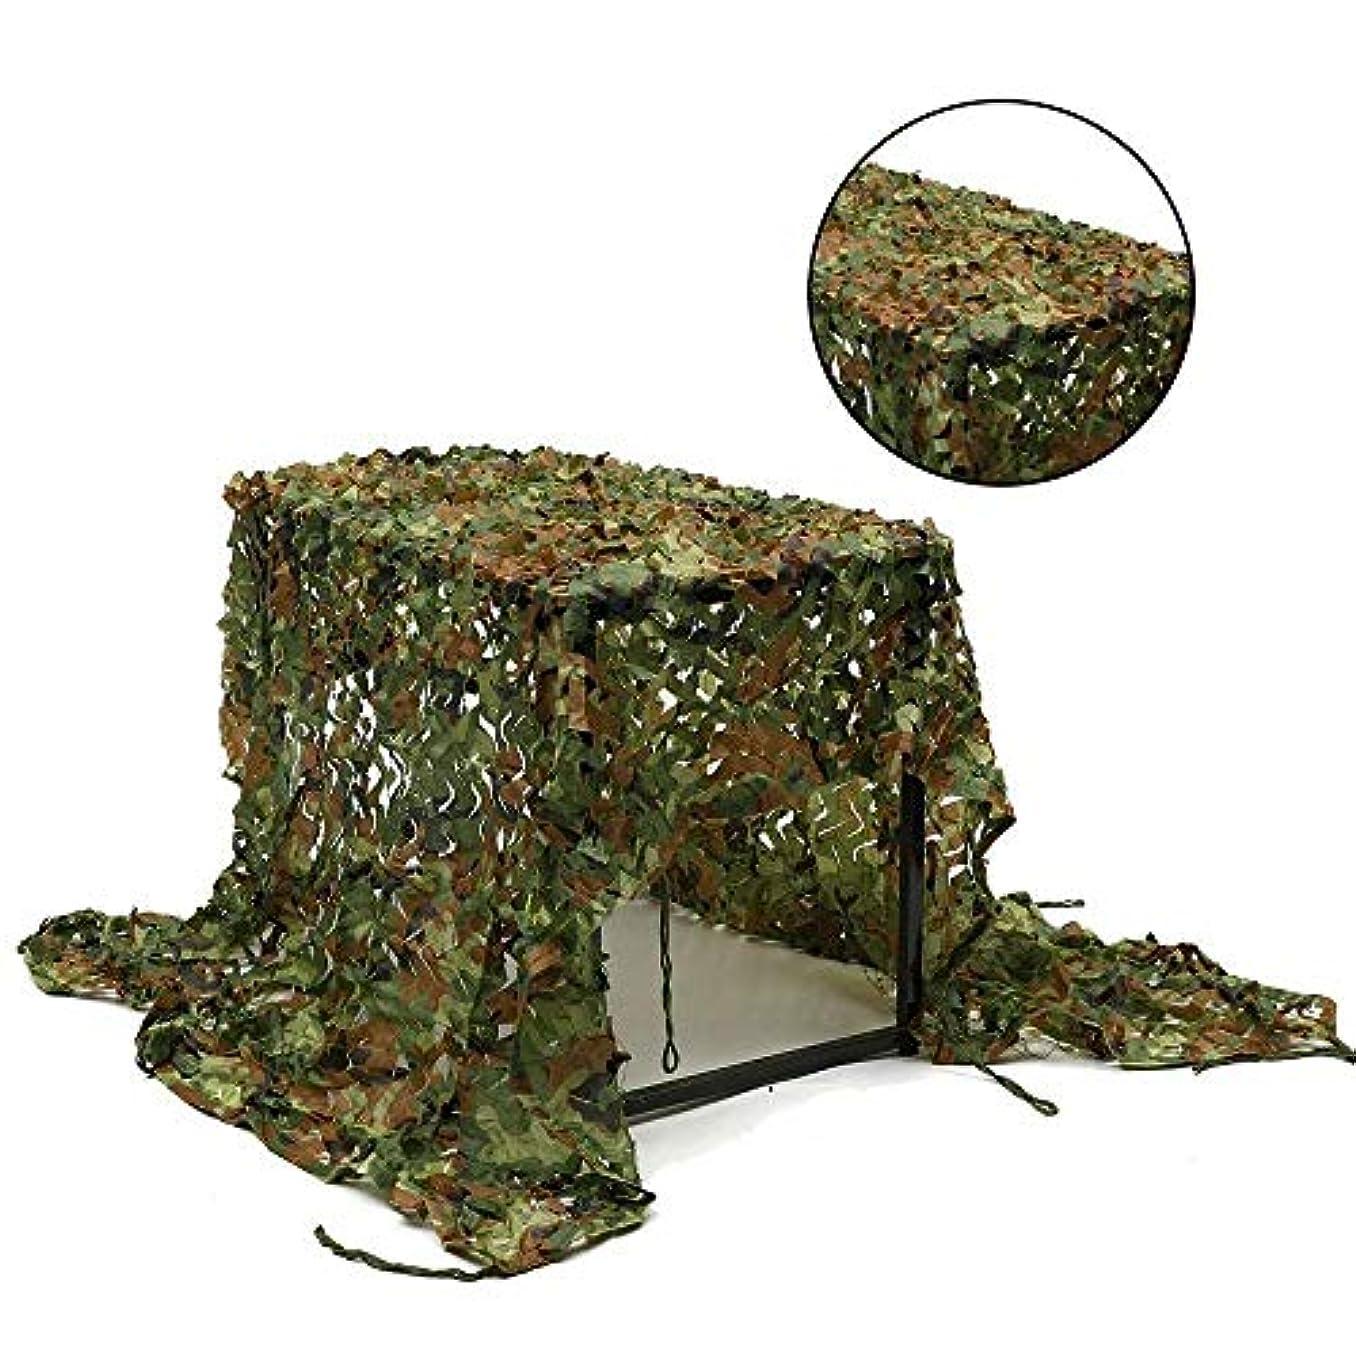 存在する暫定好みDGLIYJ 写真の装飾のキャンプの日よけのカモフラージュ網のために使用されるジャングルカモフラージュ網 (サイズ さいず : 2x10m)